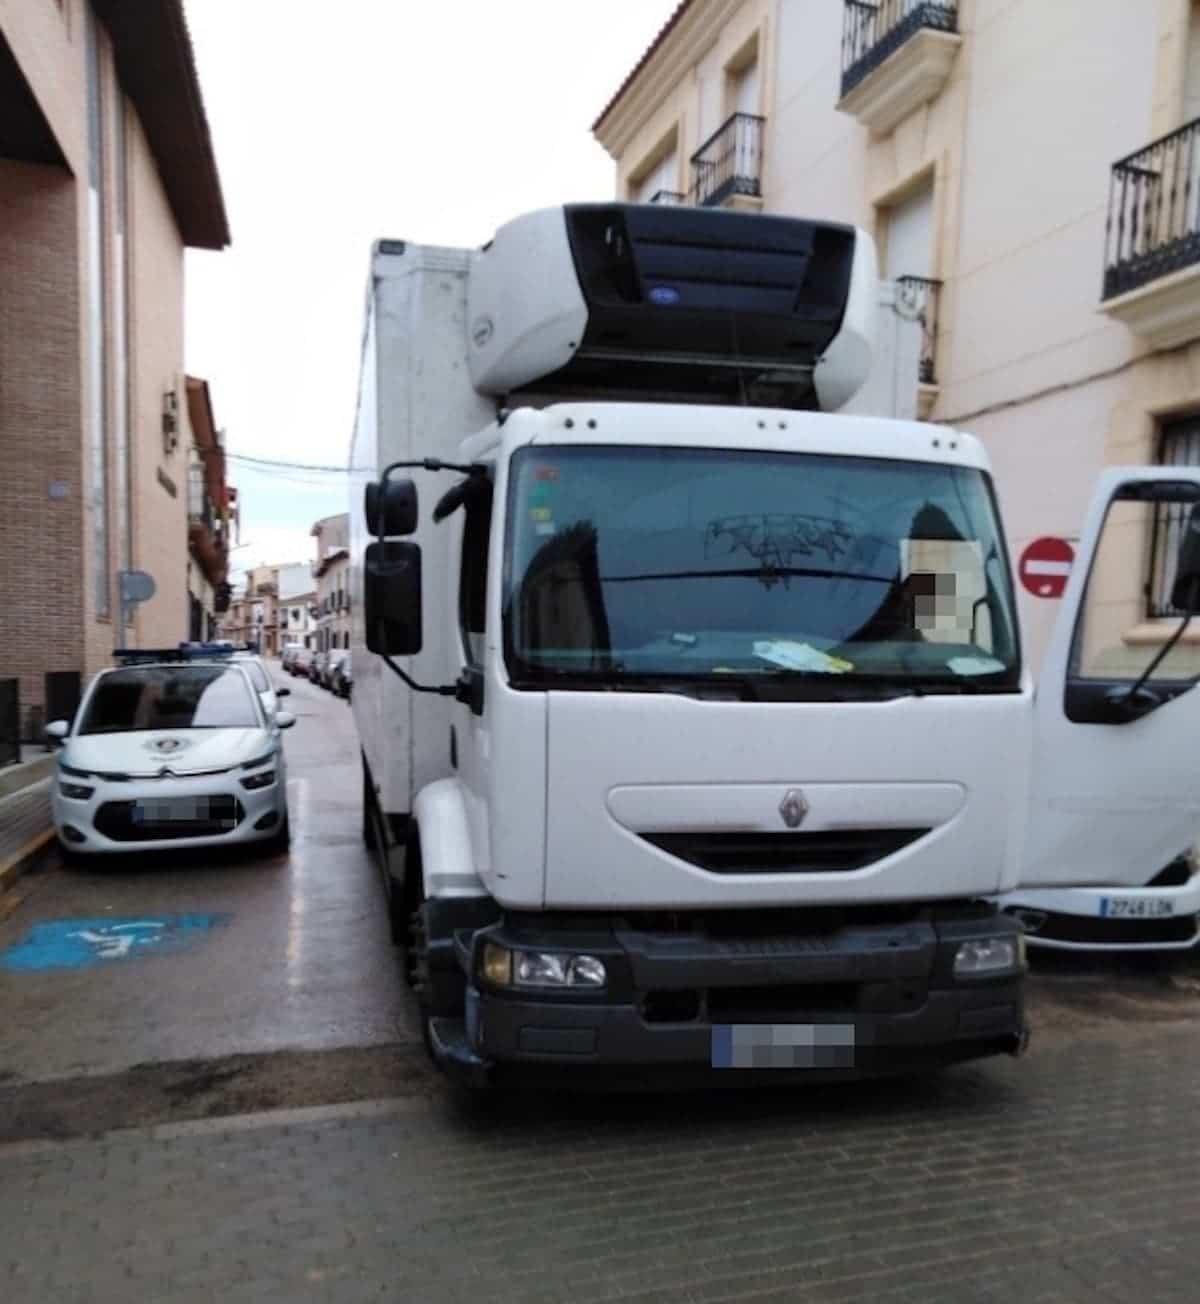 Los vehículos pesados deben cumplir la ordenanza municipal para acceder a zonas peatonales 5